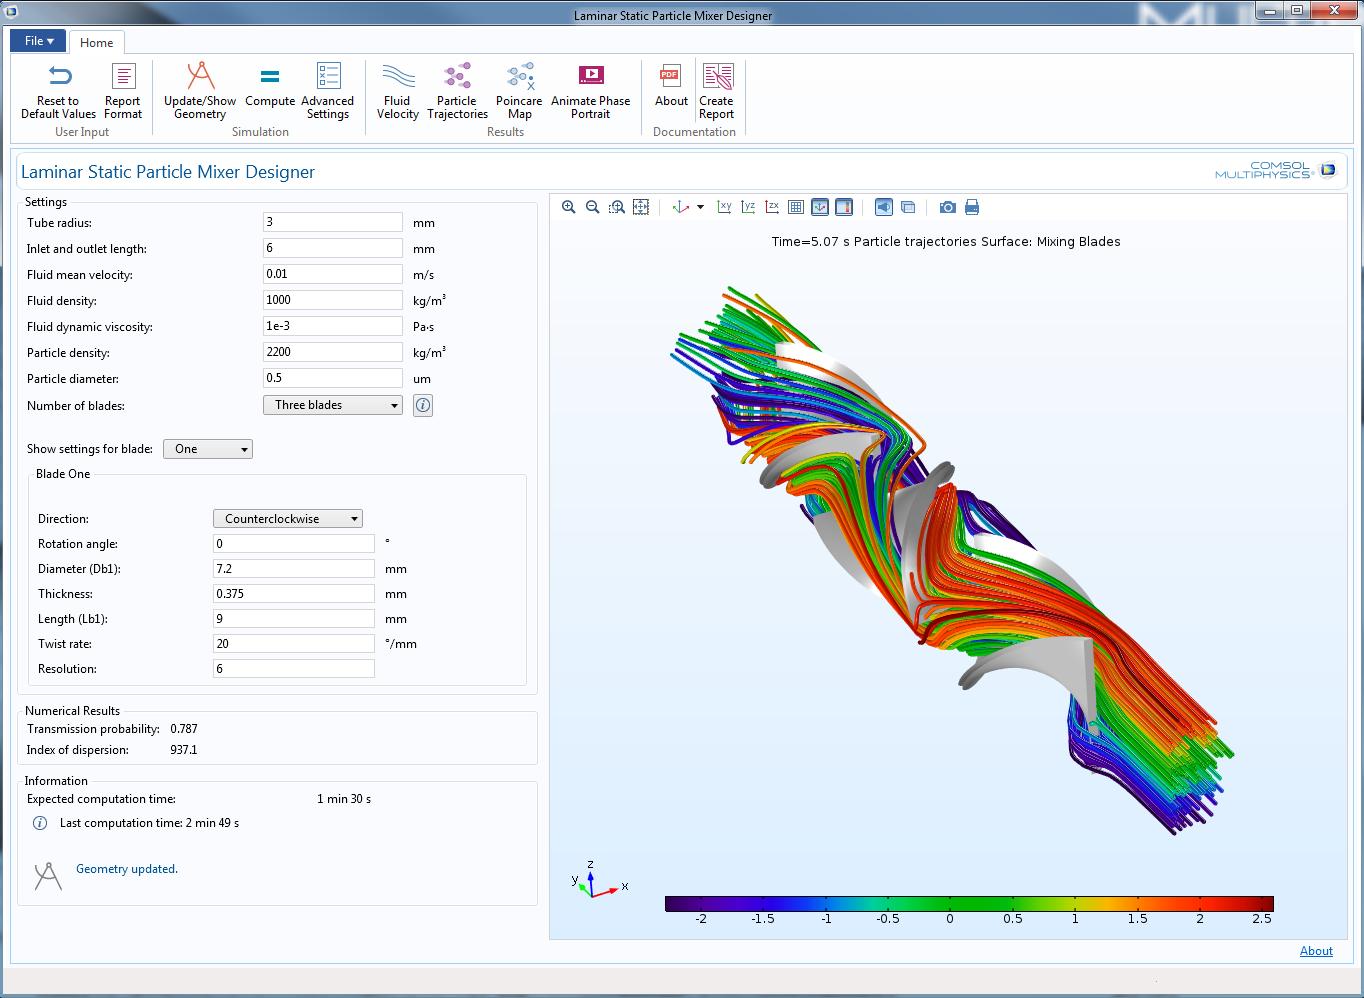 图像展示了层流静态粒子混合器设计器的用户界面。